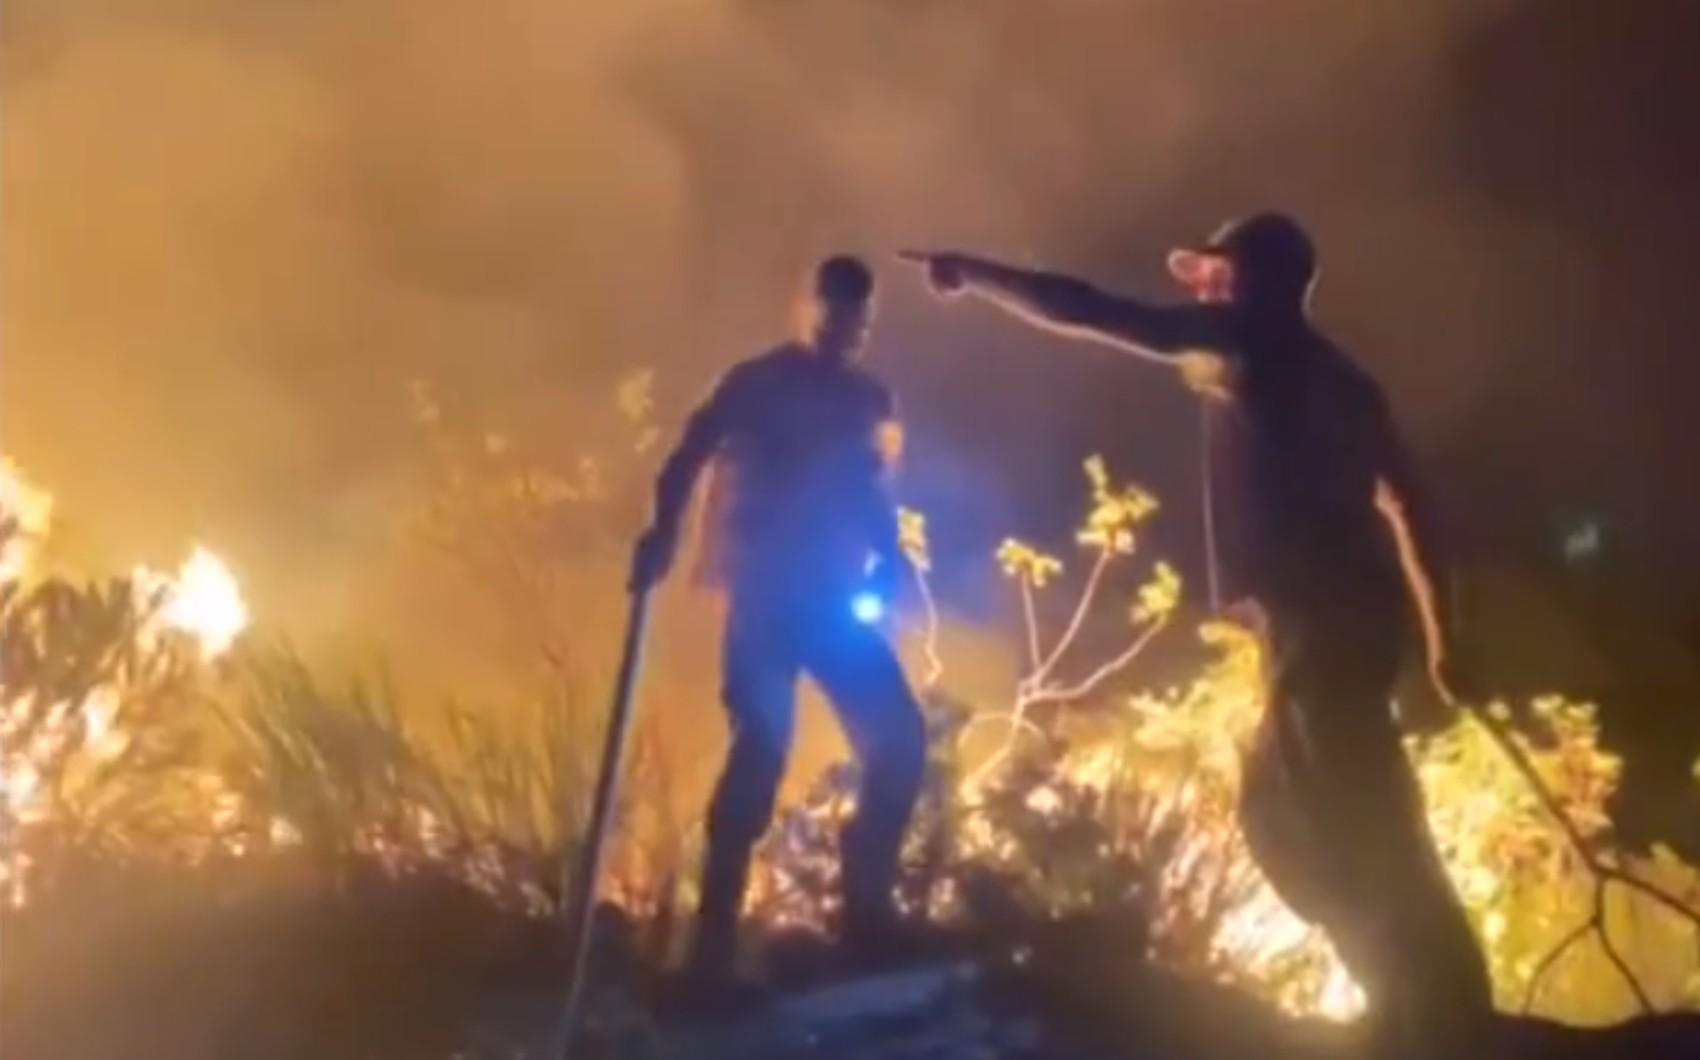 Bombeiros continuam no combate aos incêndios florestais no oeste e norte da Bahia e Chapada Diamantina